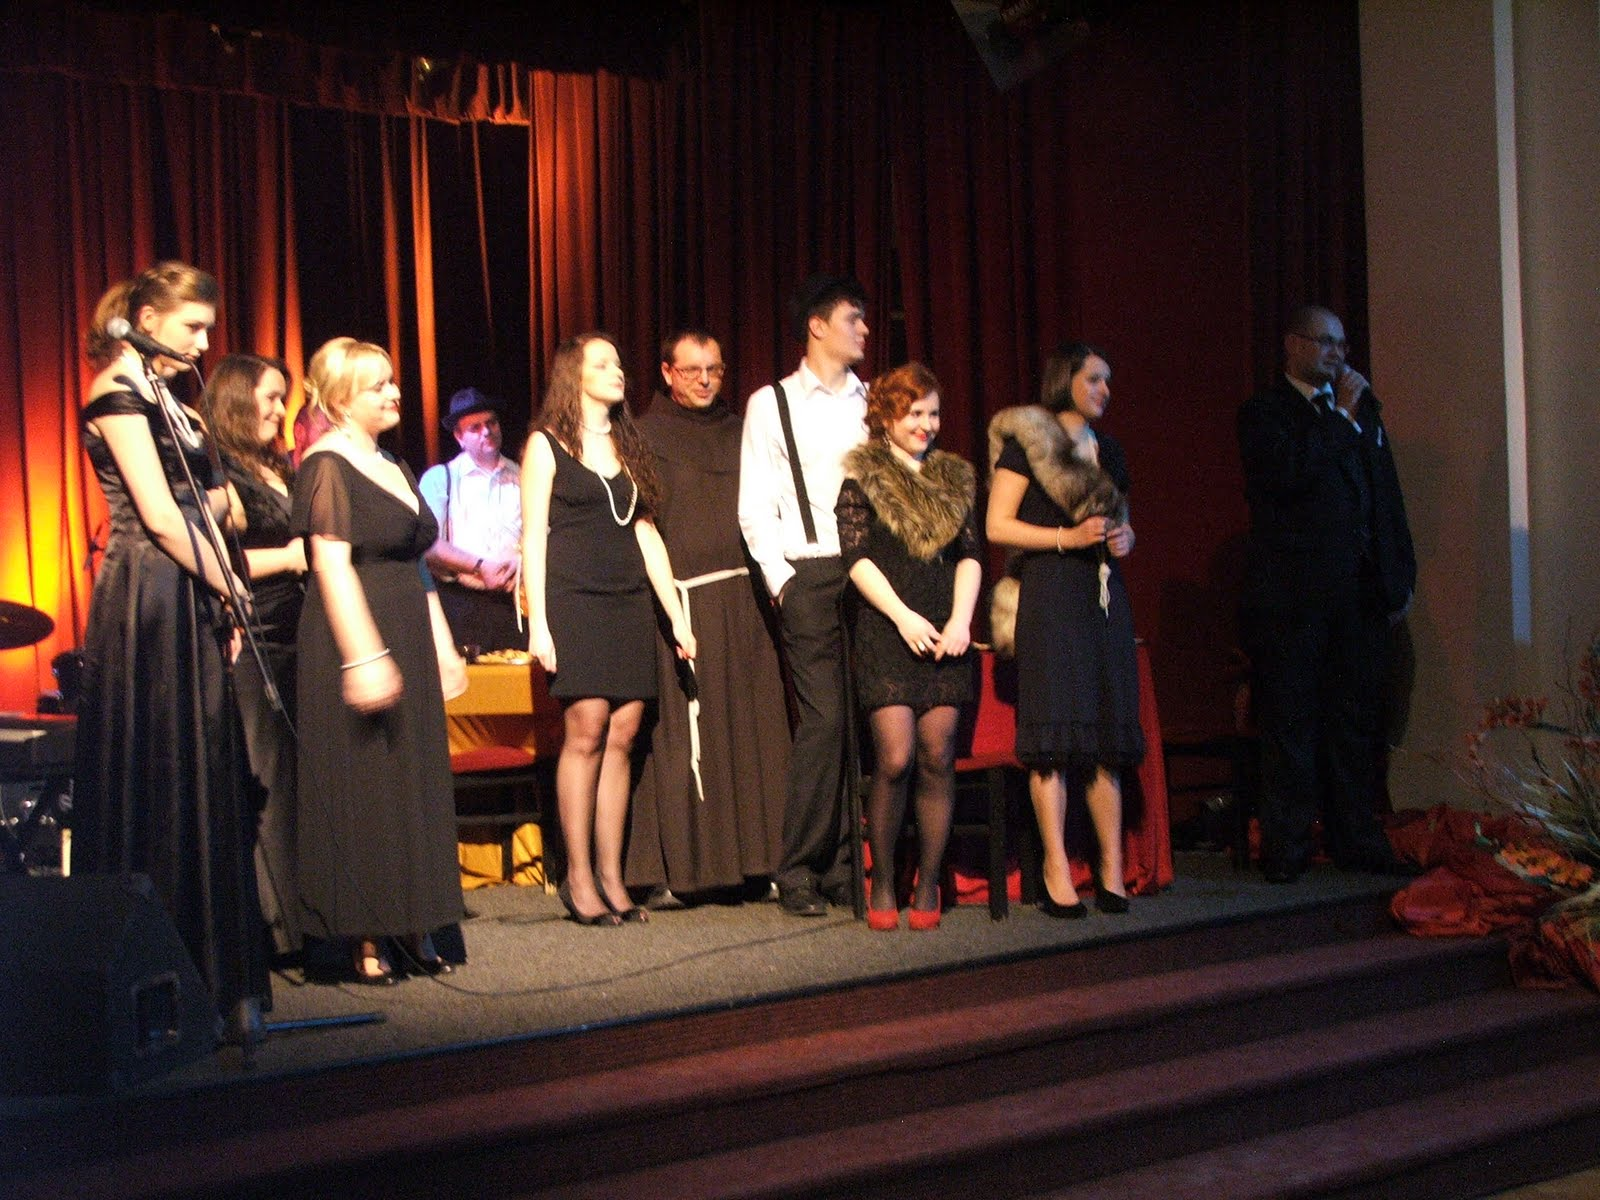 Fotorelacja z charytatywnego koncertu Retrosong, czyli podróż w dwudziestolecie, który odbył się 17.02.2012 roku w Klubie 2 Korpusu Zmechanizowanego w Krakowie.